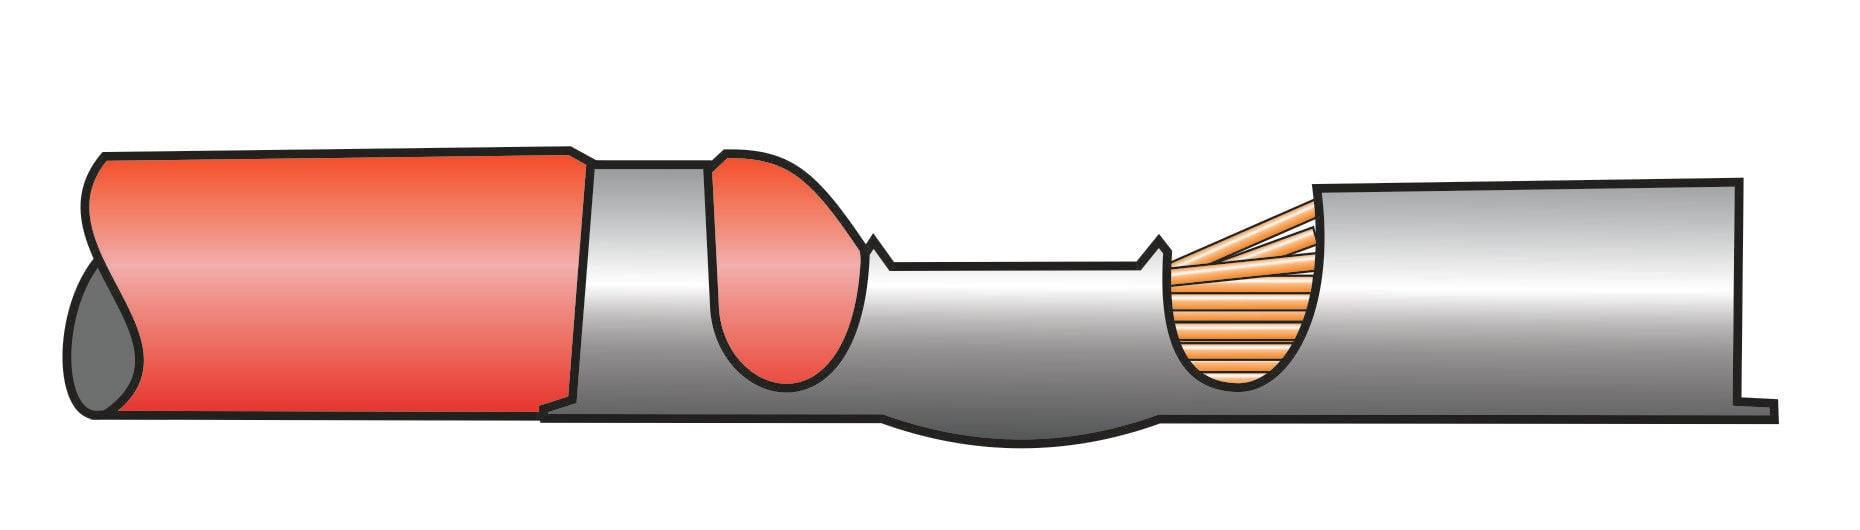 Crimpverbindung mit zu tief eingeschobenem Kabel